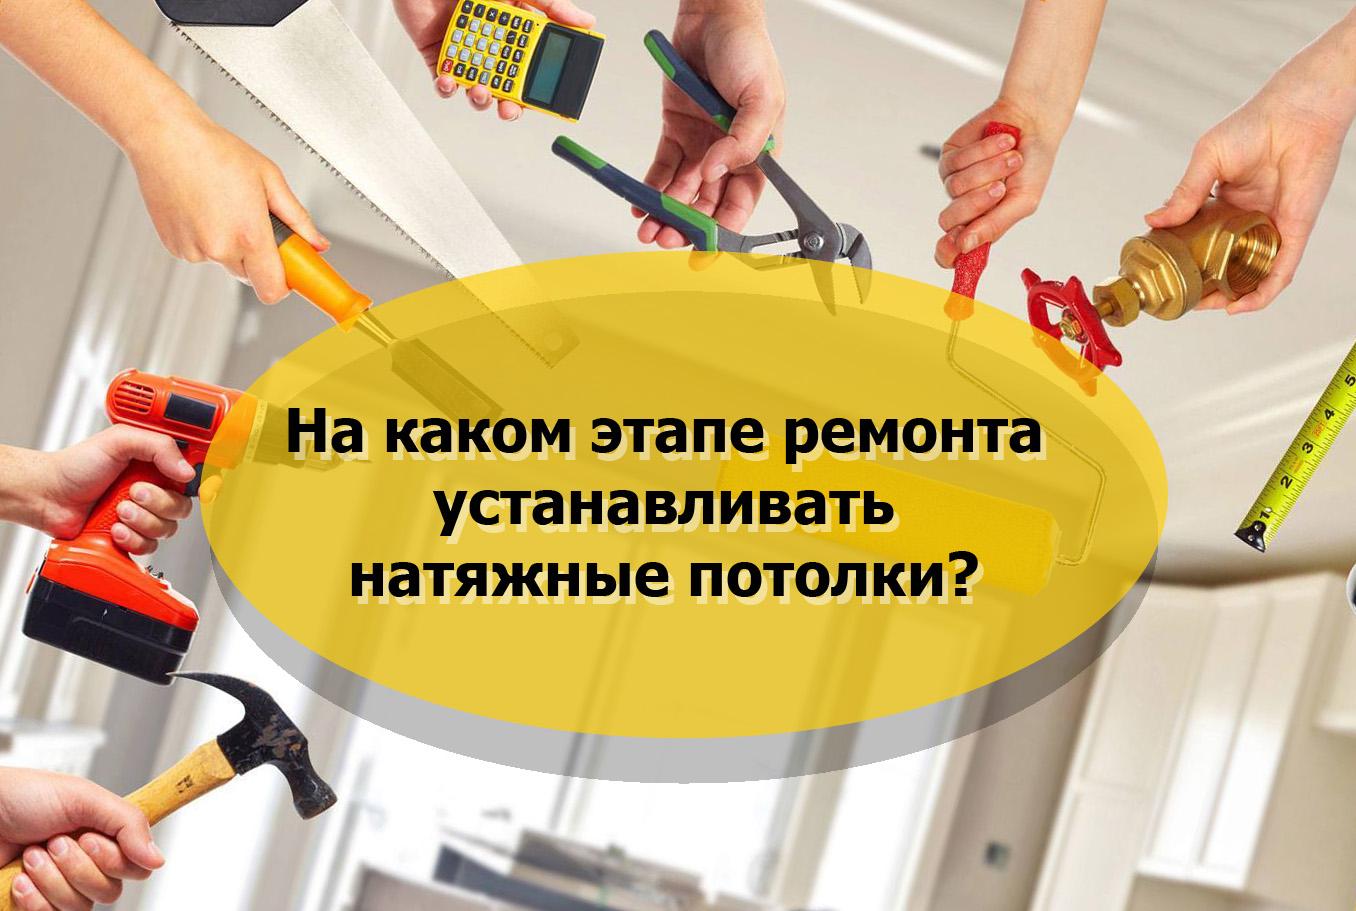 на каком этапе ремонта планировать установку